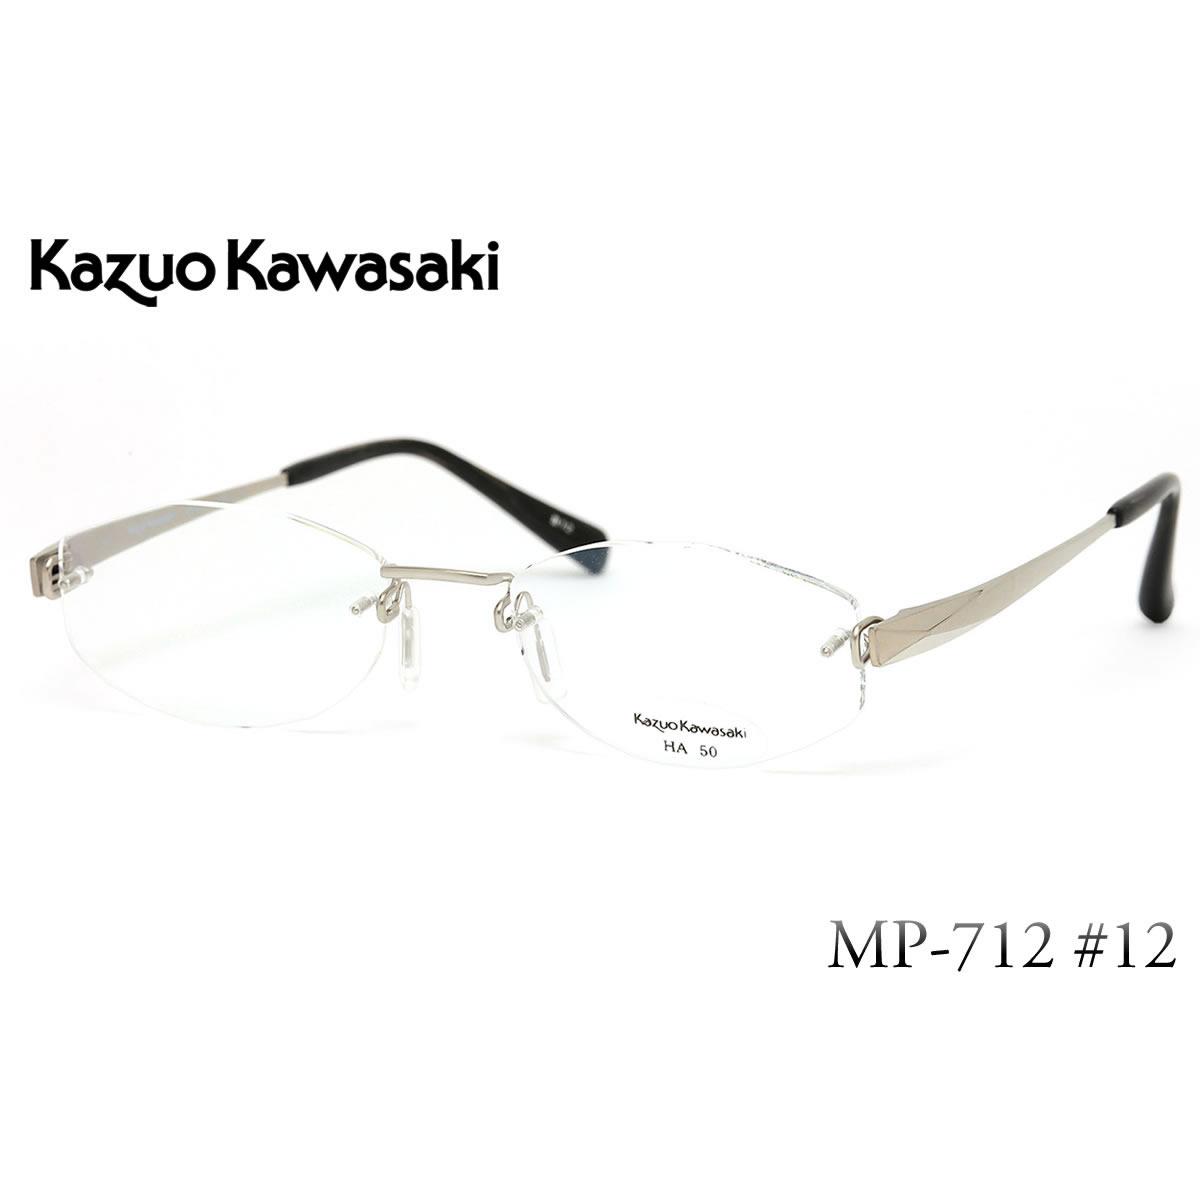 【14時までのご注文は即日発送】【Kazuo Kawasaki国内正規品販売認定店】MP 712 12 50サイズ Kazuo Kawasaki (カズオカワサキ) メガネ チタン メンズ レディース【あす楽対応】